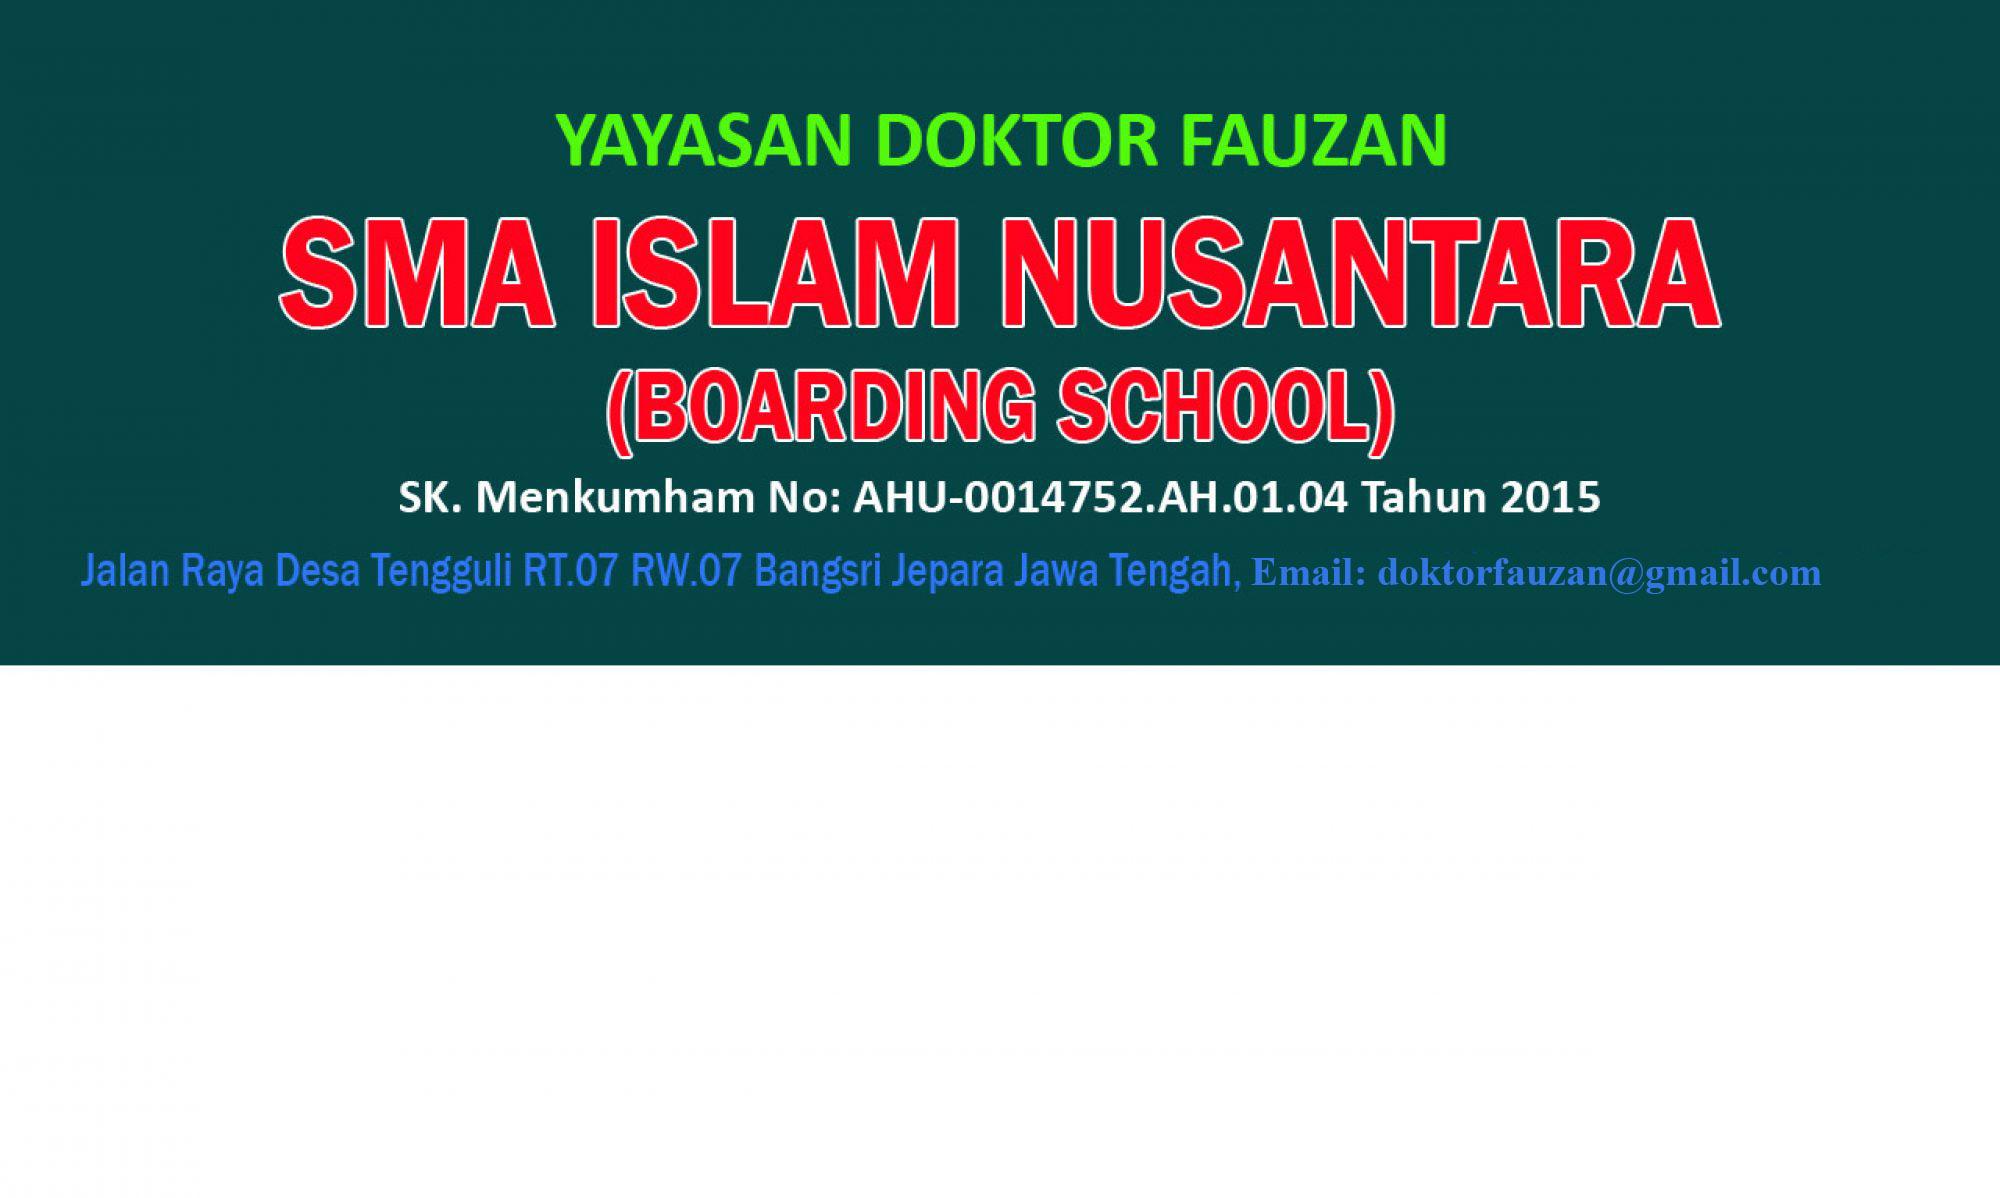 SMA ISLAM NUSANTARA YAYASAN DOKTOR FAUZAN